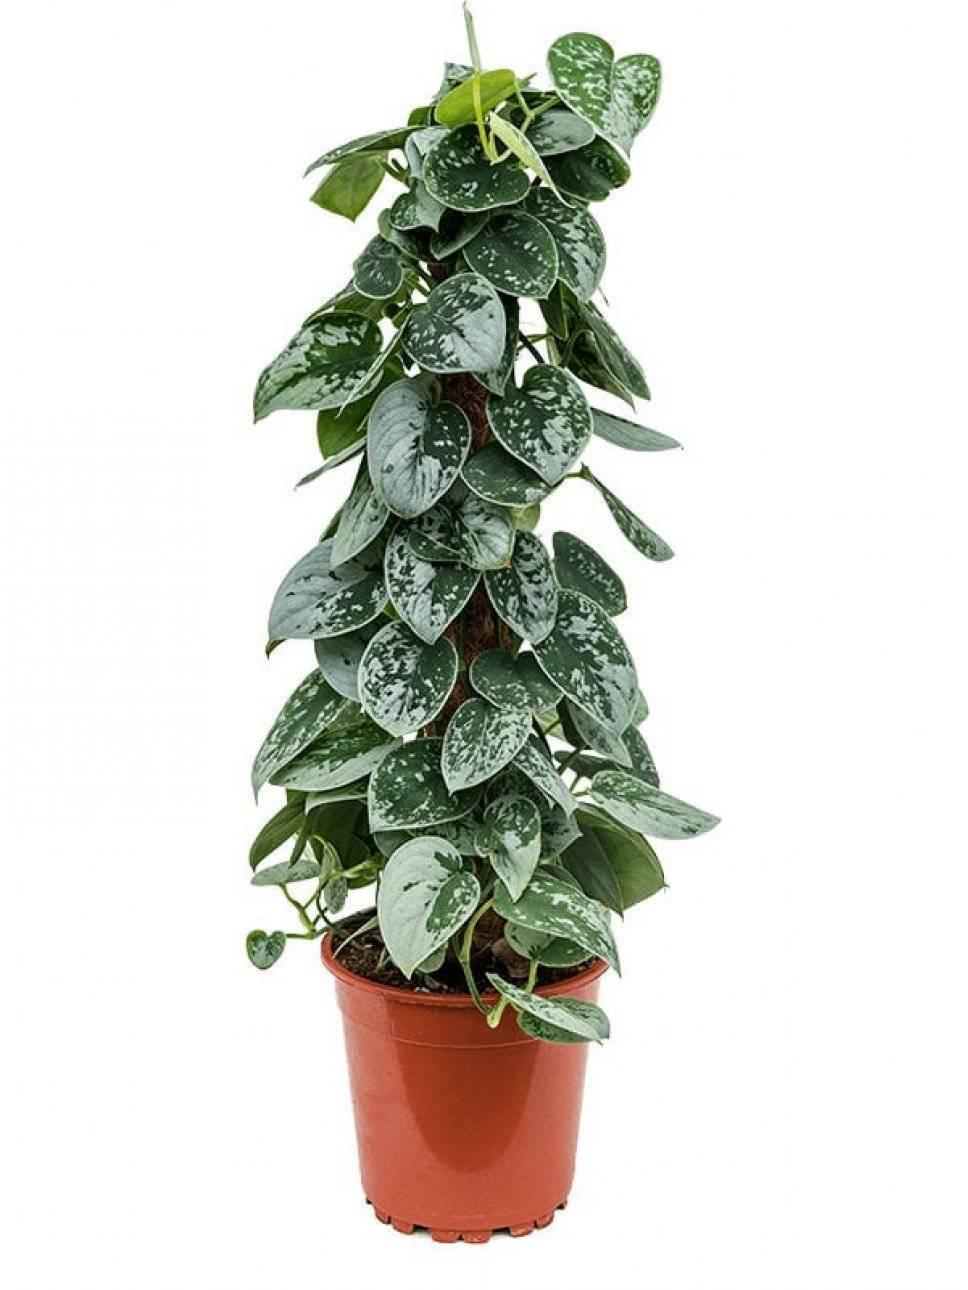 Сциндапсус, или тропическая декоративная лиана, в домашнем цветоводстве